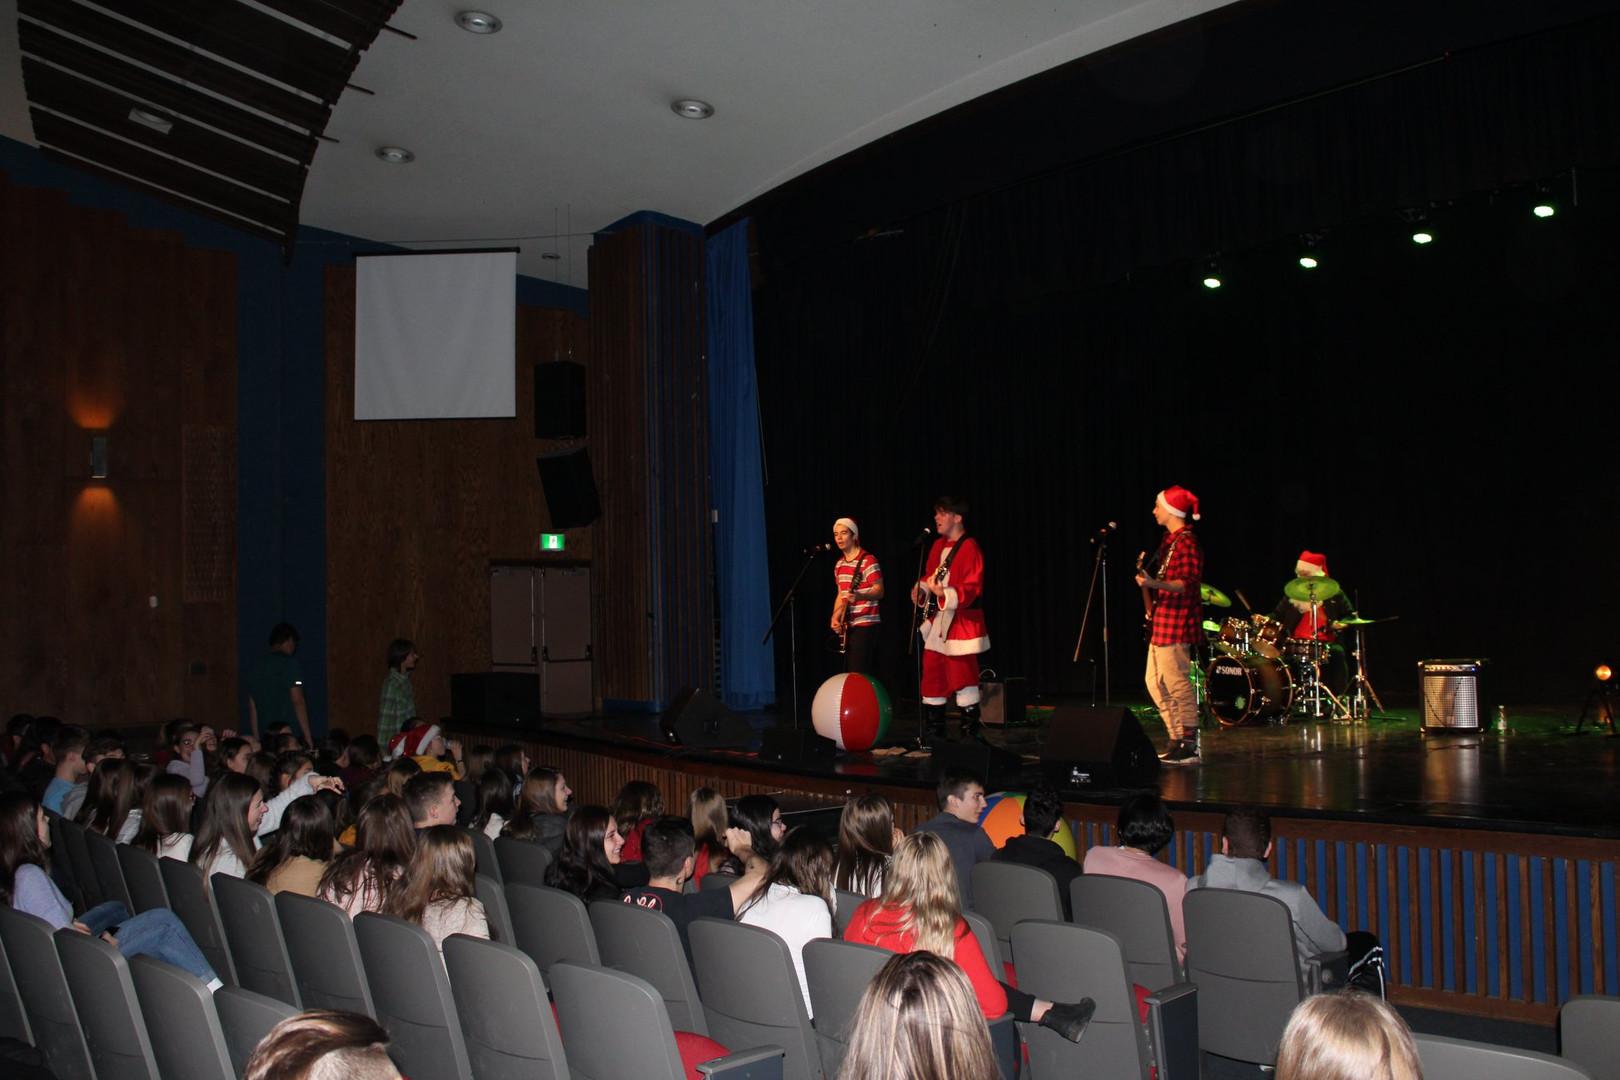 École secondaire les Etchemins (ESLE) - Concert à l'auditorium